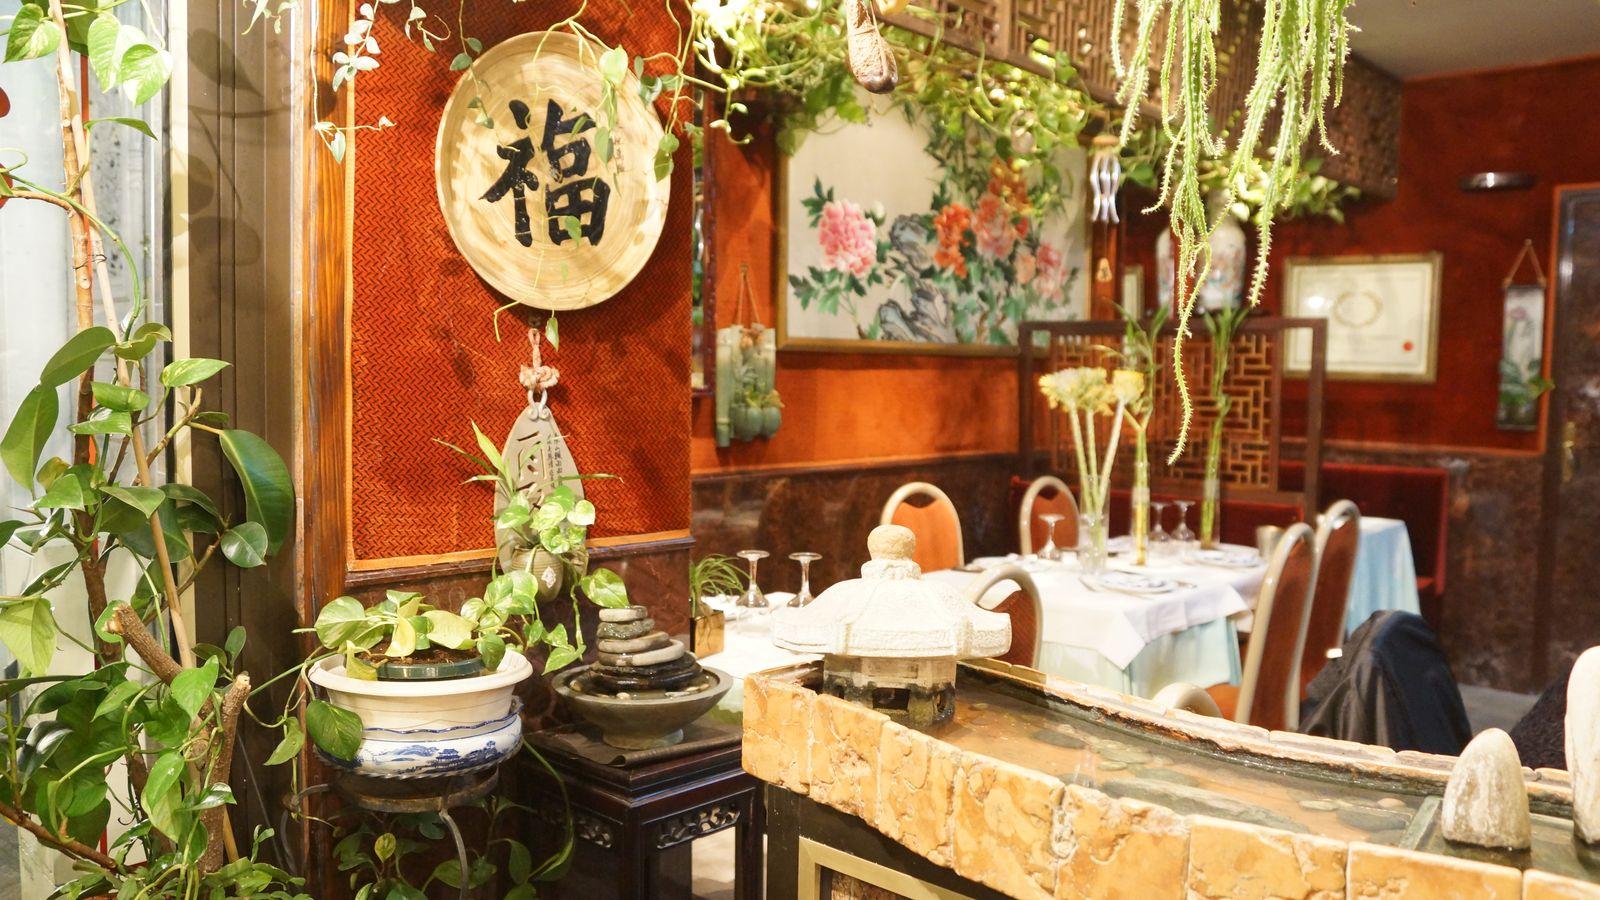 resto le lys d 39 or de la gastronomie chinoise dans un joli jardin int rieur. Black Bedroom Furniture Sets. Home Design Ideas